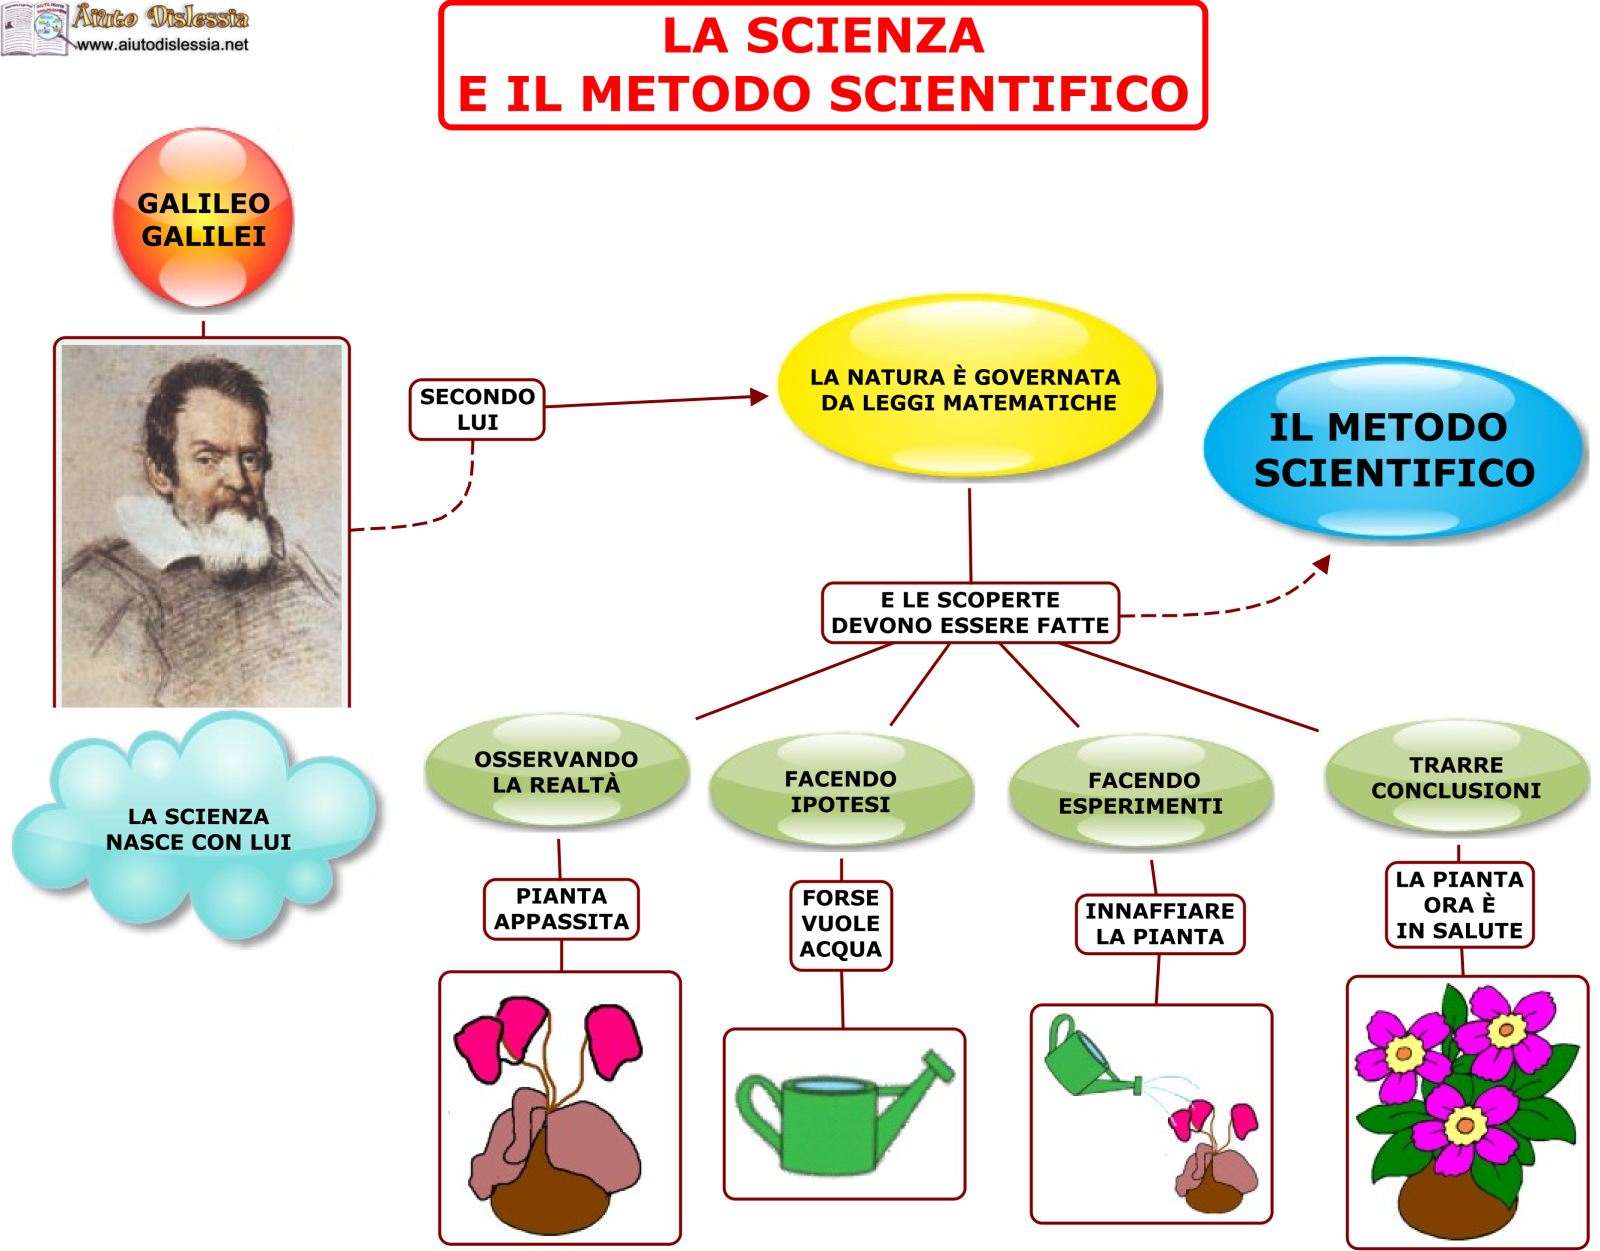 La Scienza Che Studia Le Reazioni E I Composti - Cruciverba